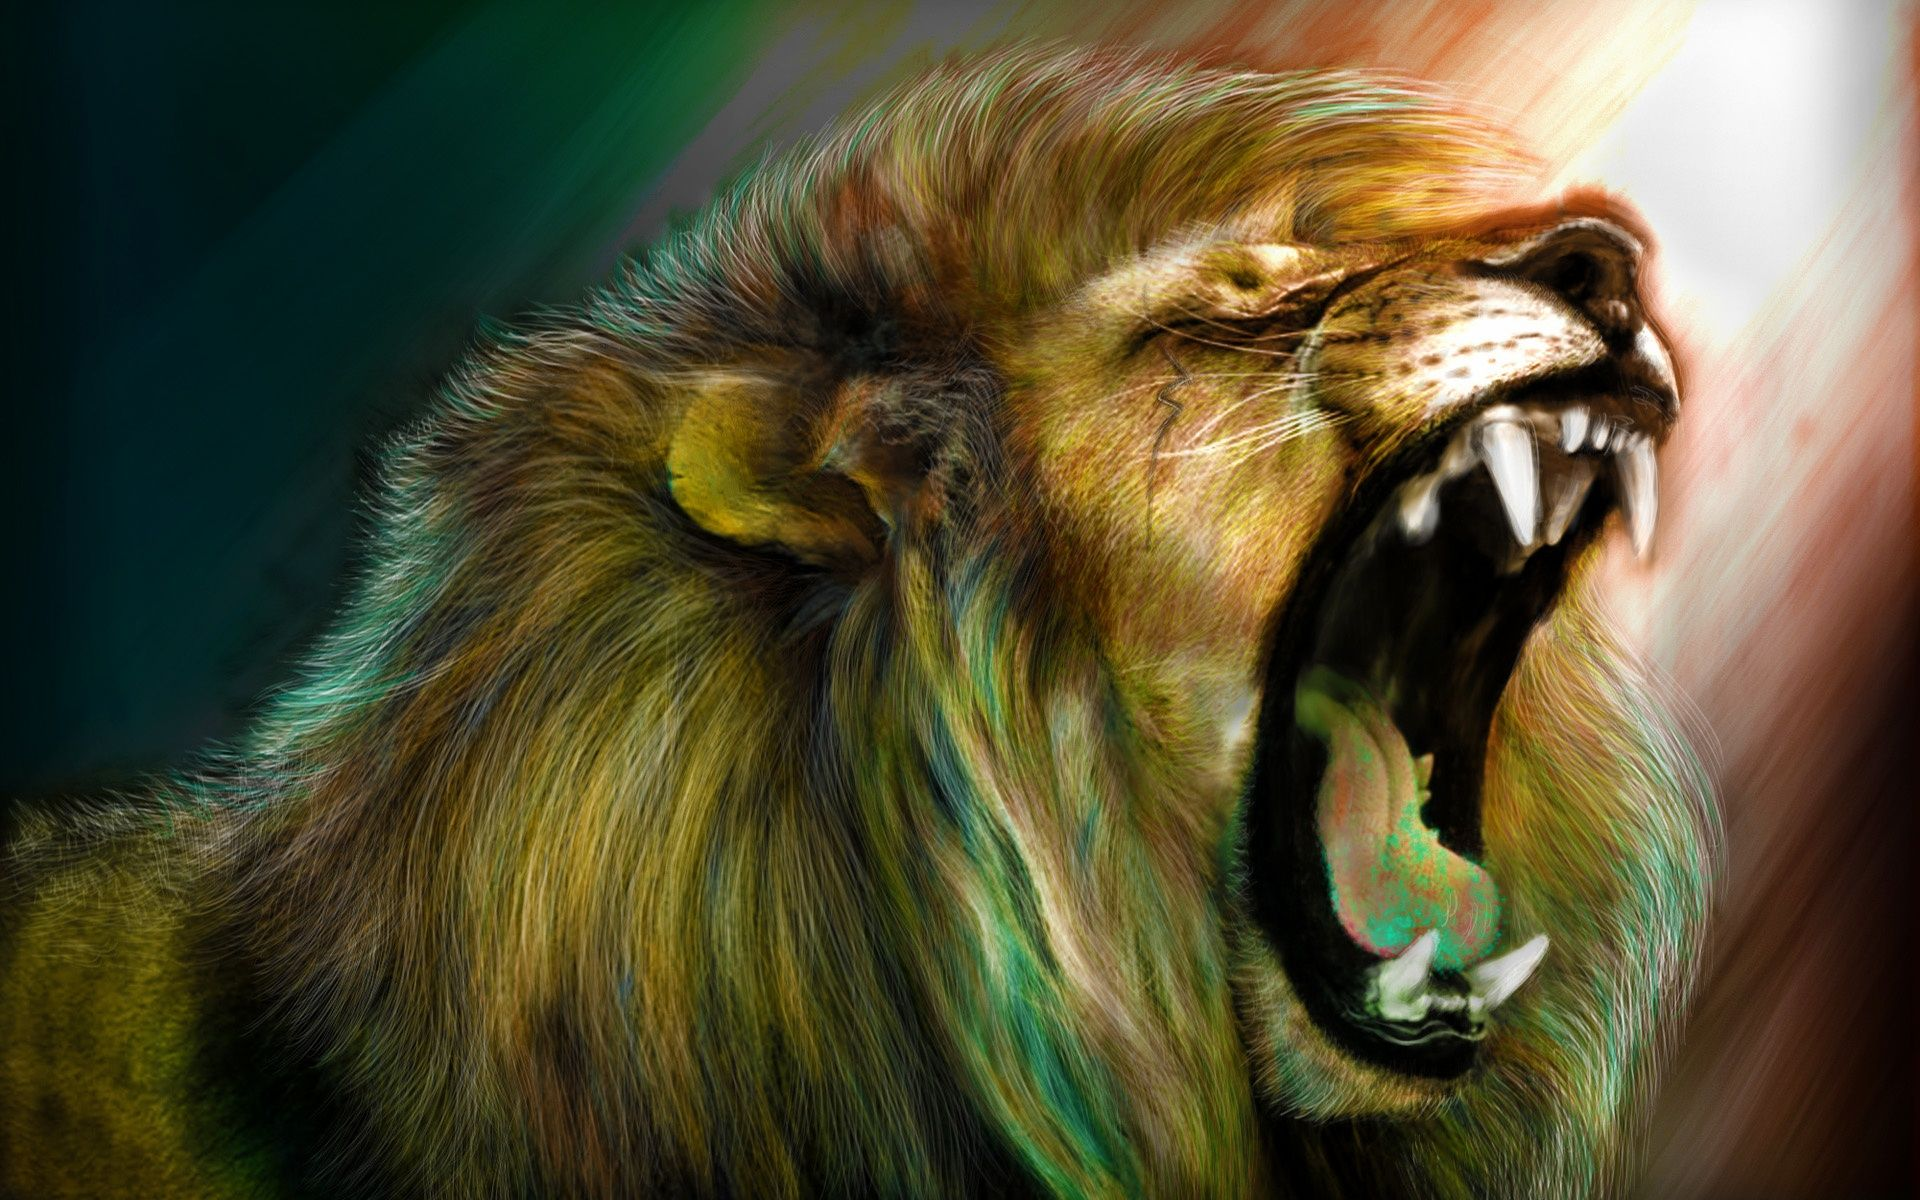 Download The Lion 39 S Roar Wallpaper Free Wallpapers Lion Images Lion Wallpaper Angry Wallpapers